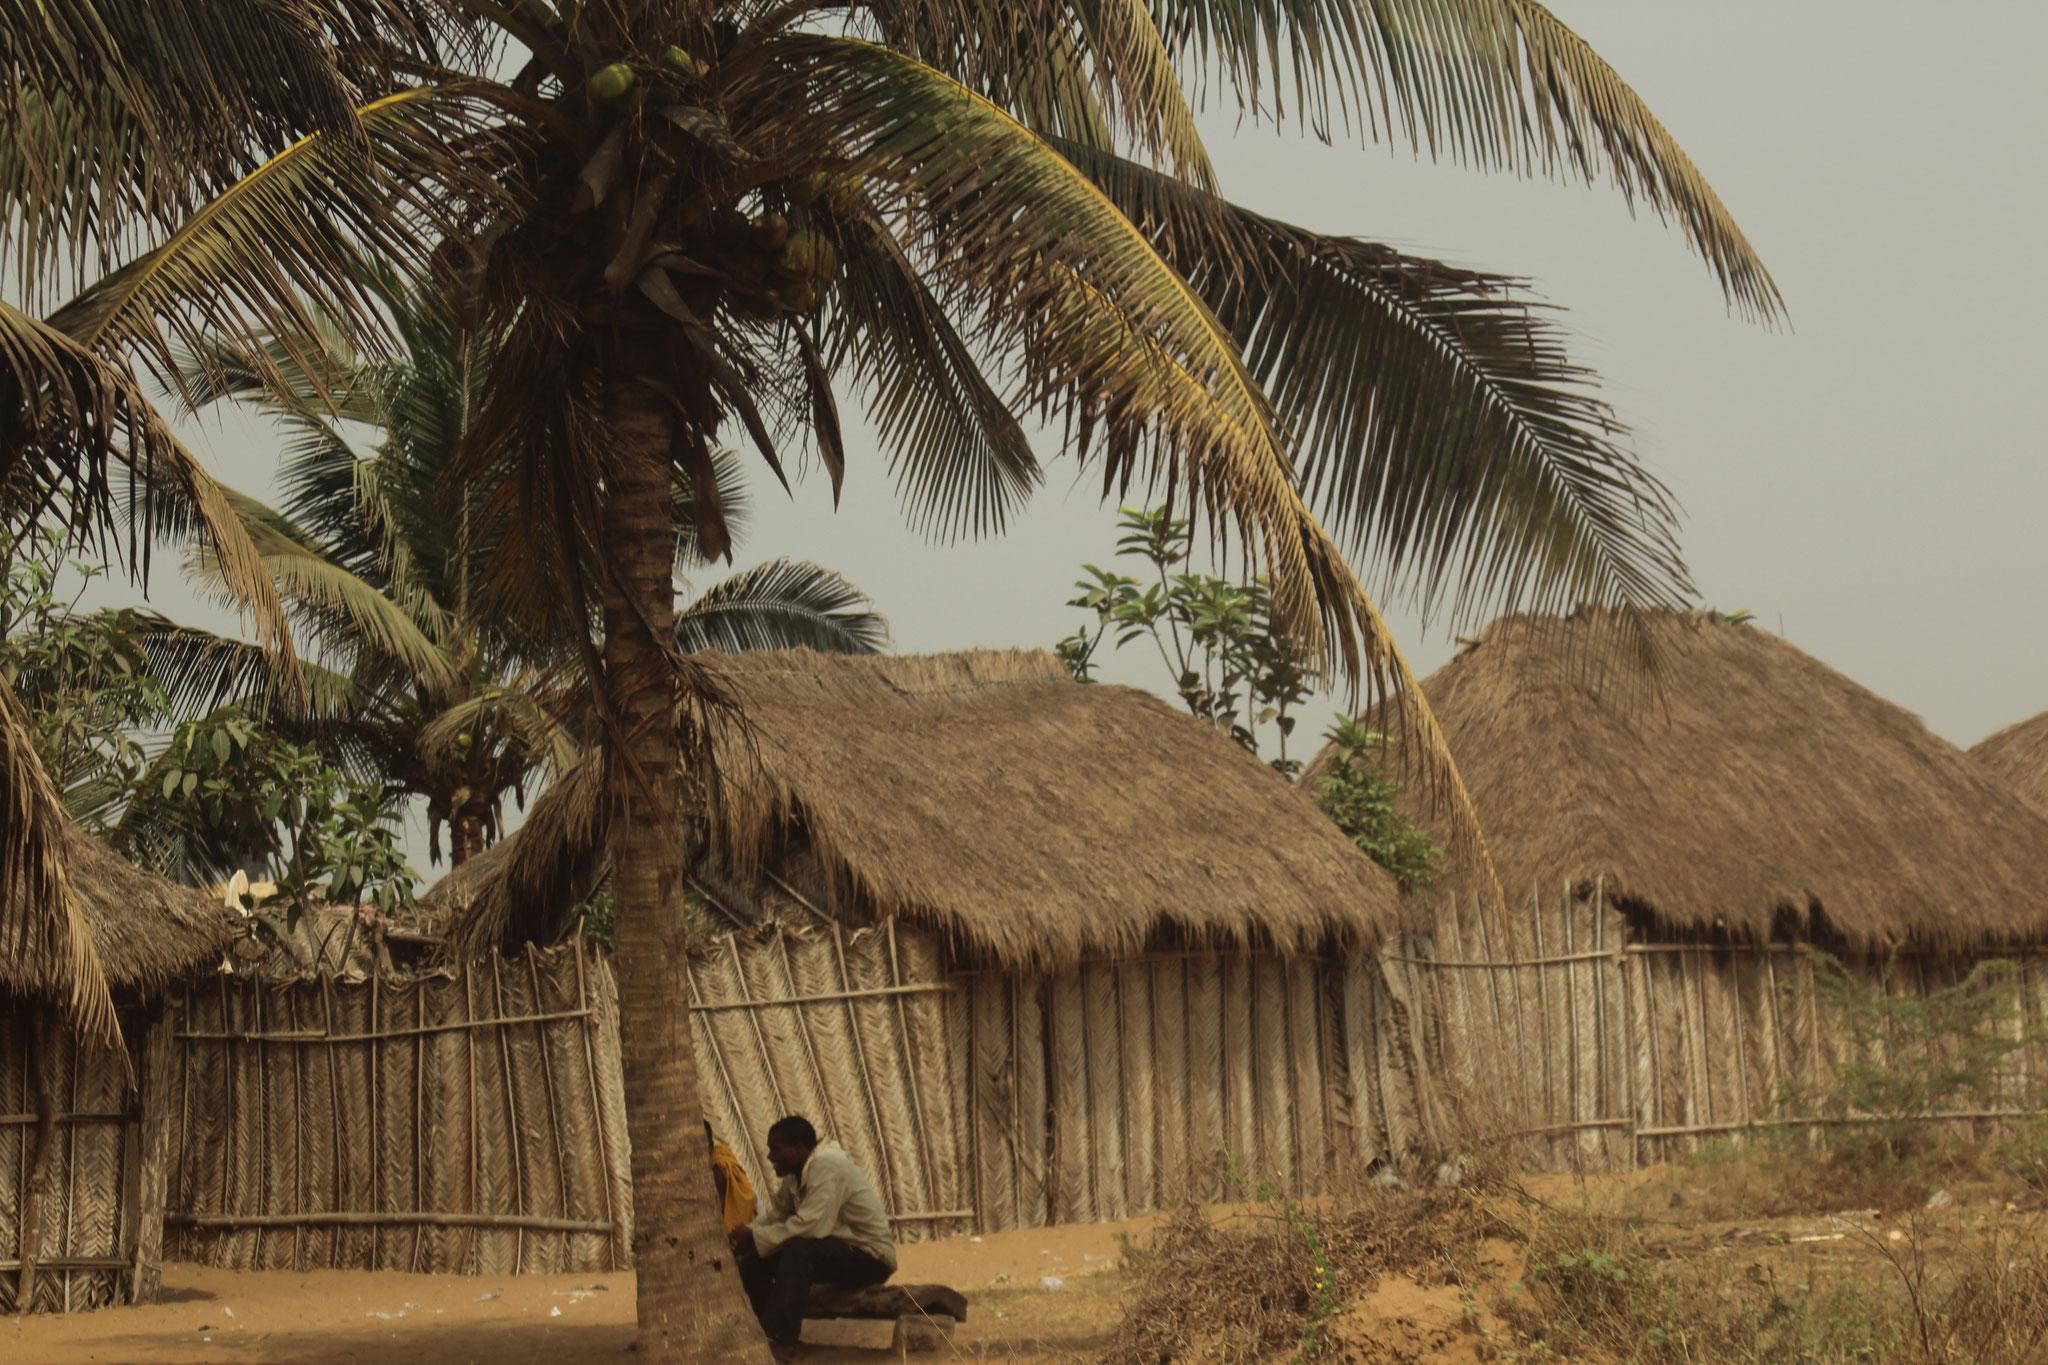 5. Fischerhütten in Agbotrafo.